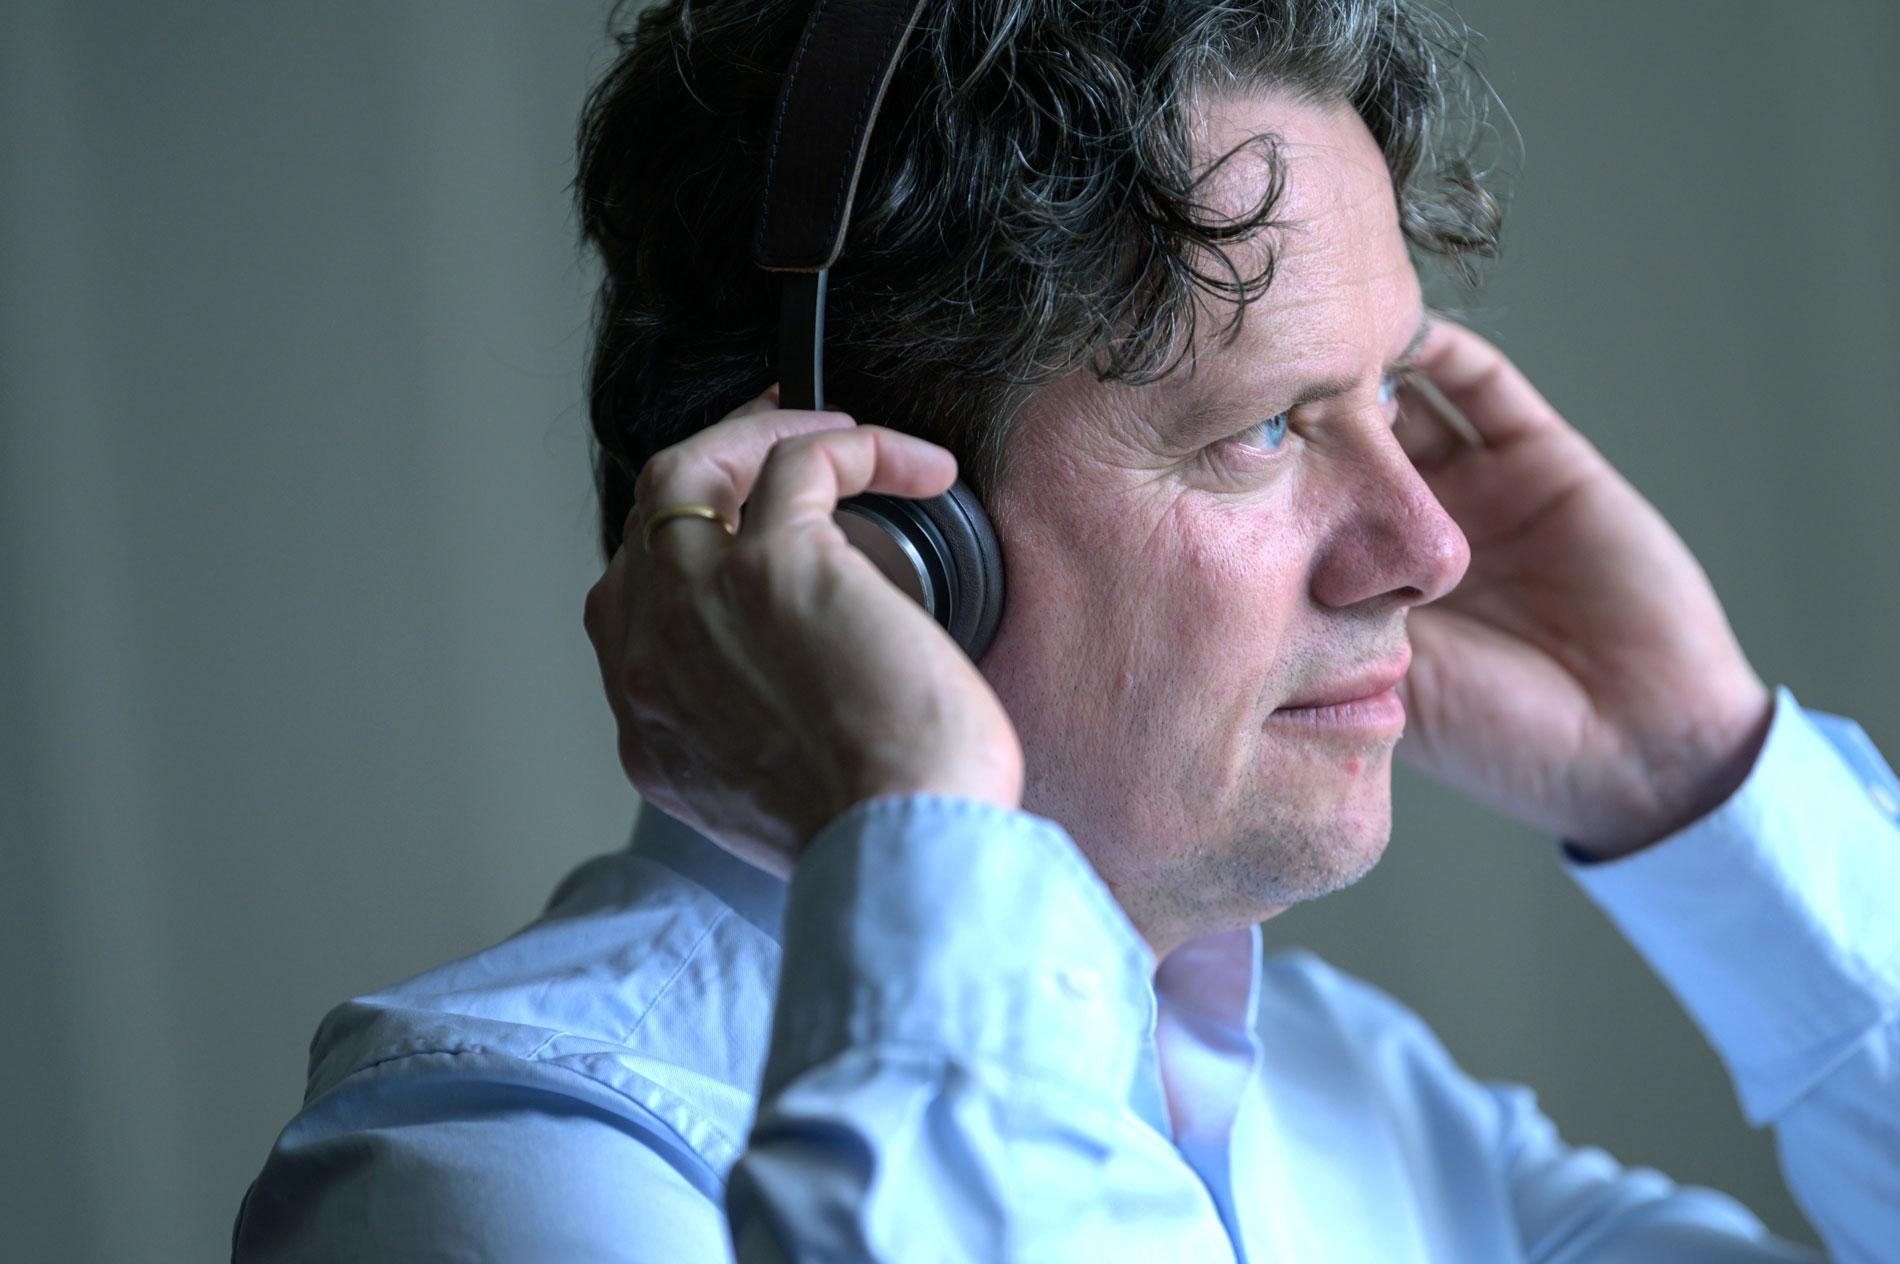 BAKGRUNNSMUSIKK: Selv hører nevrologen og musikkprofessoren mest på klassisk og jazz. Gjerne Mozart, Chopin. – Noe jeg kjenner godt, sånn at jeg ikke blir sittende og lytte for mye på musikken.